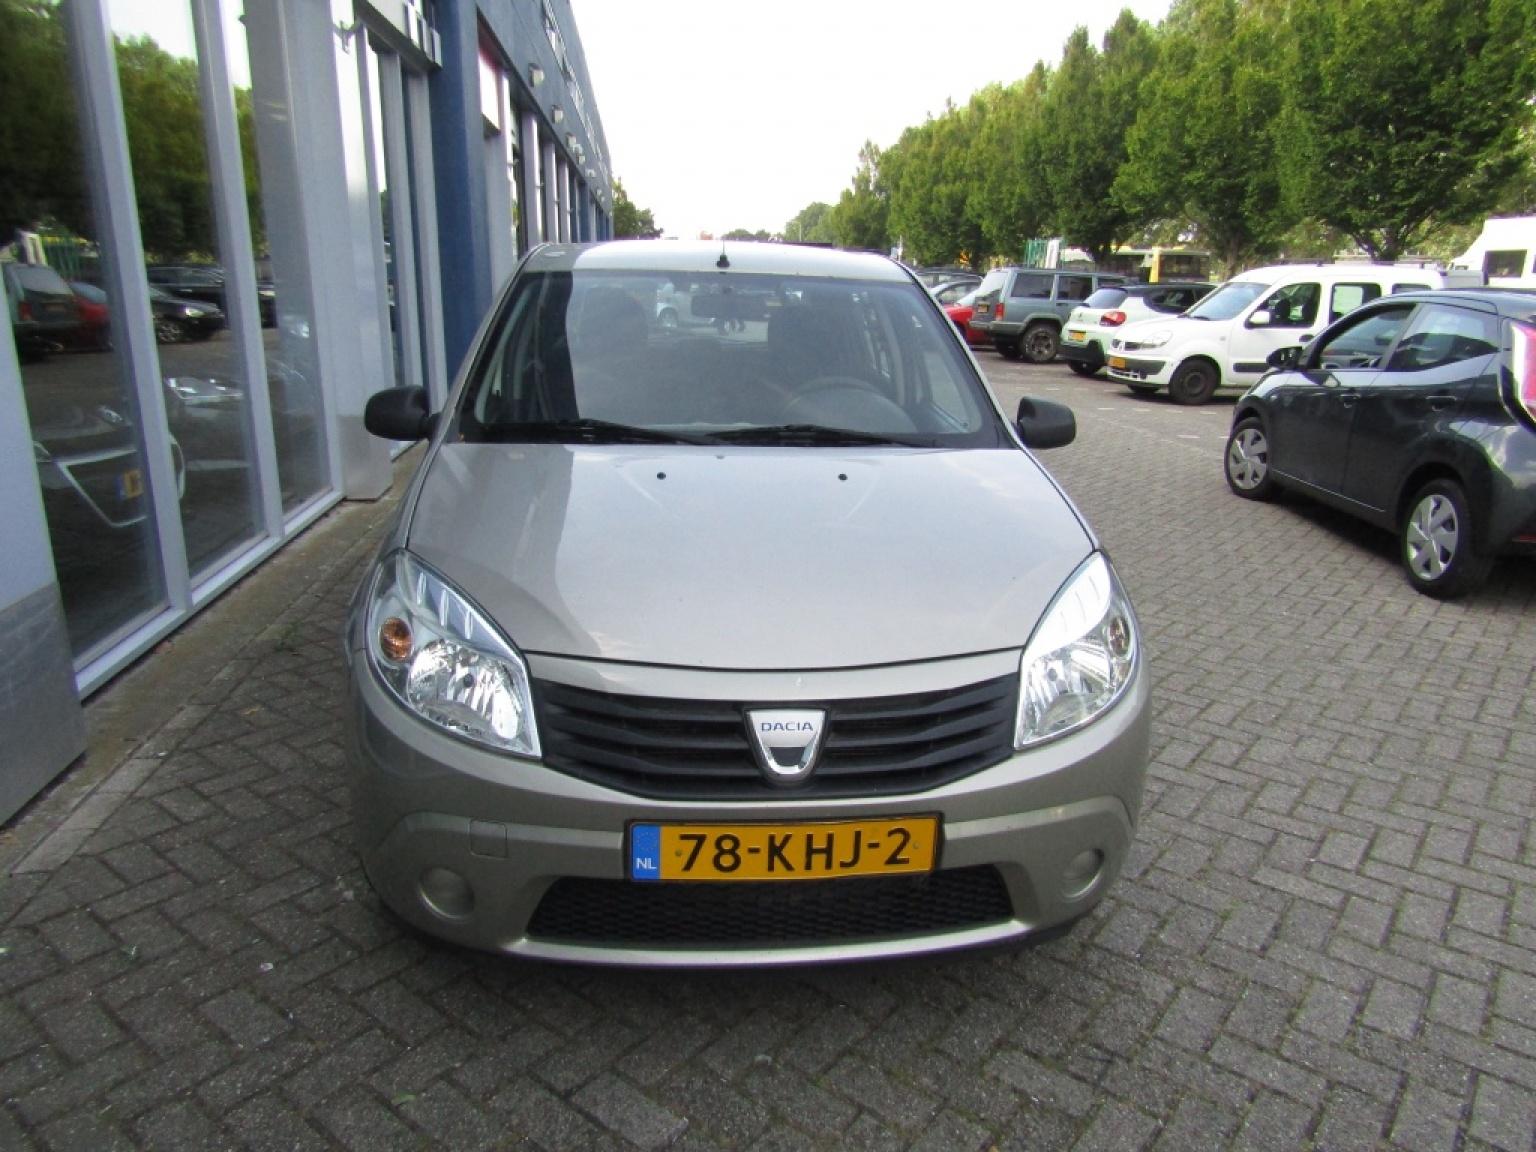 Dacia-Sandero-3